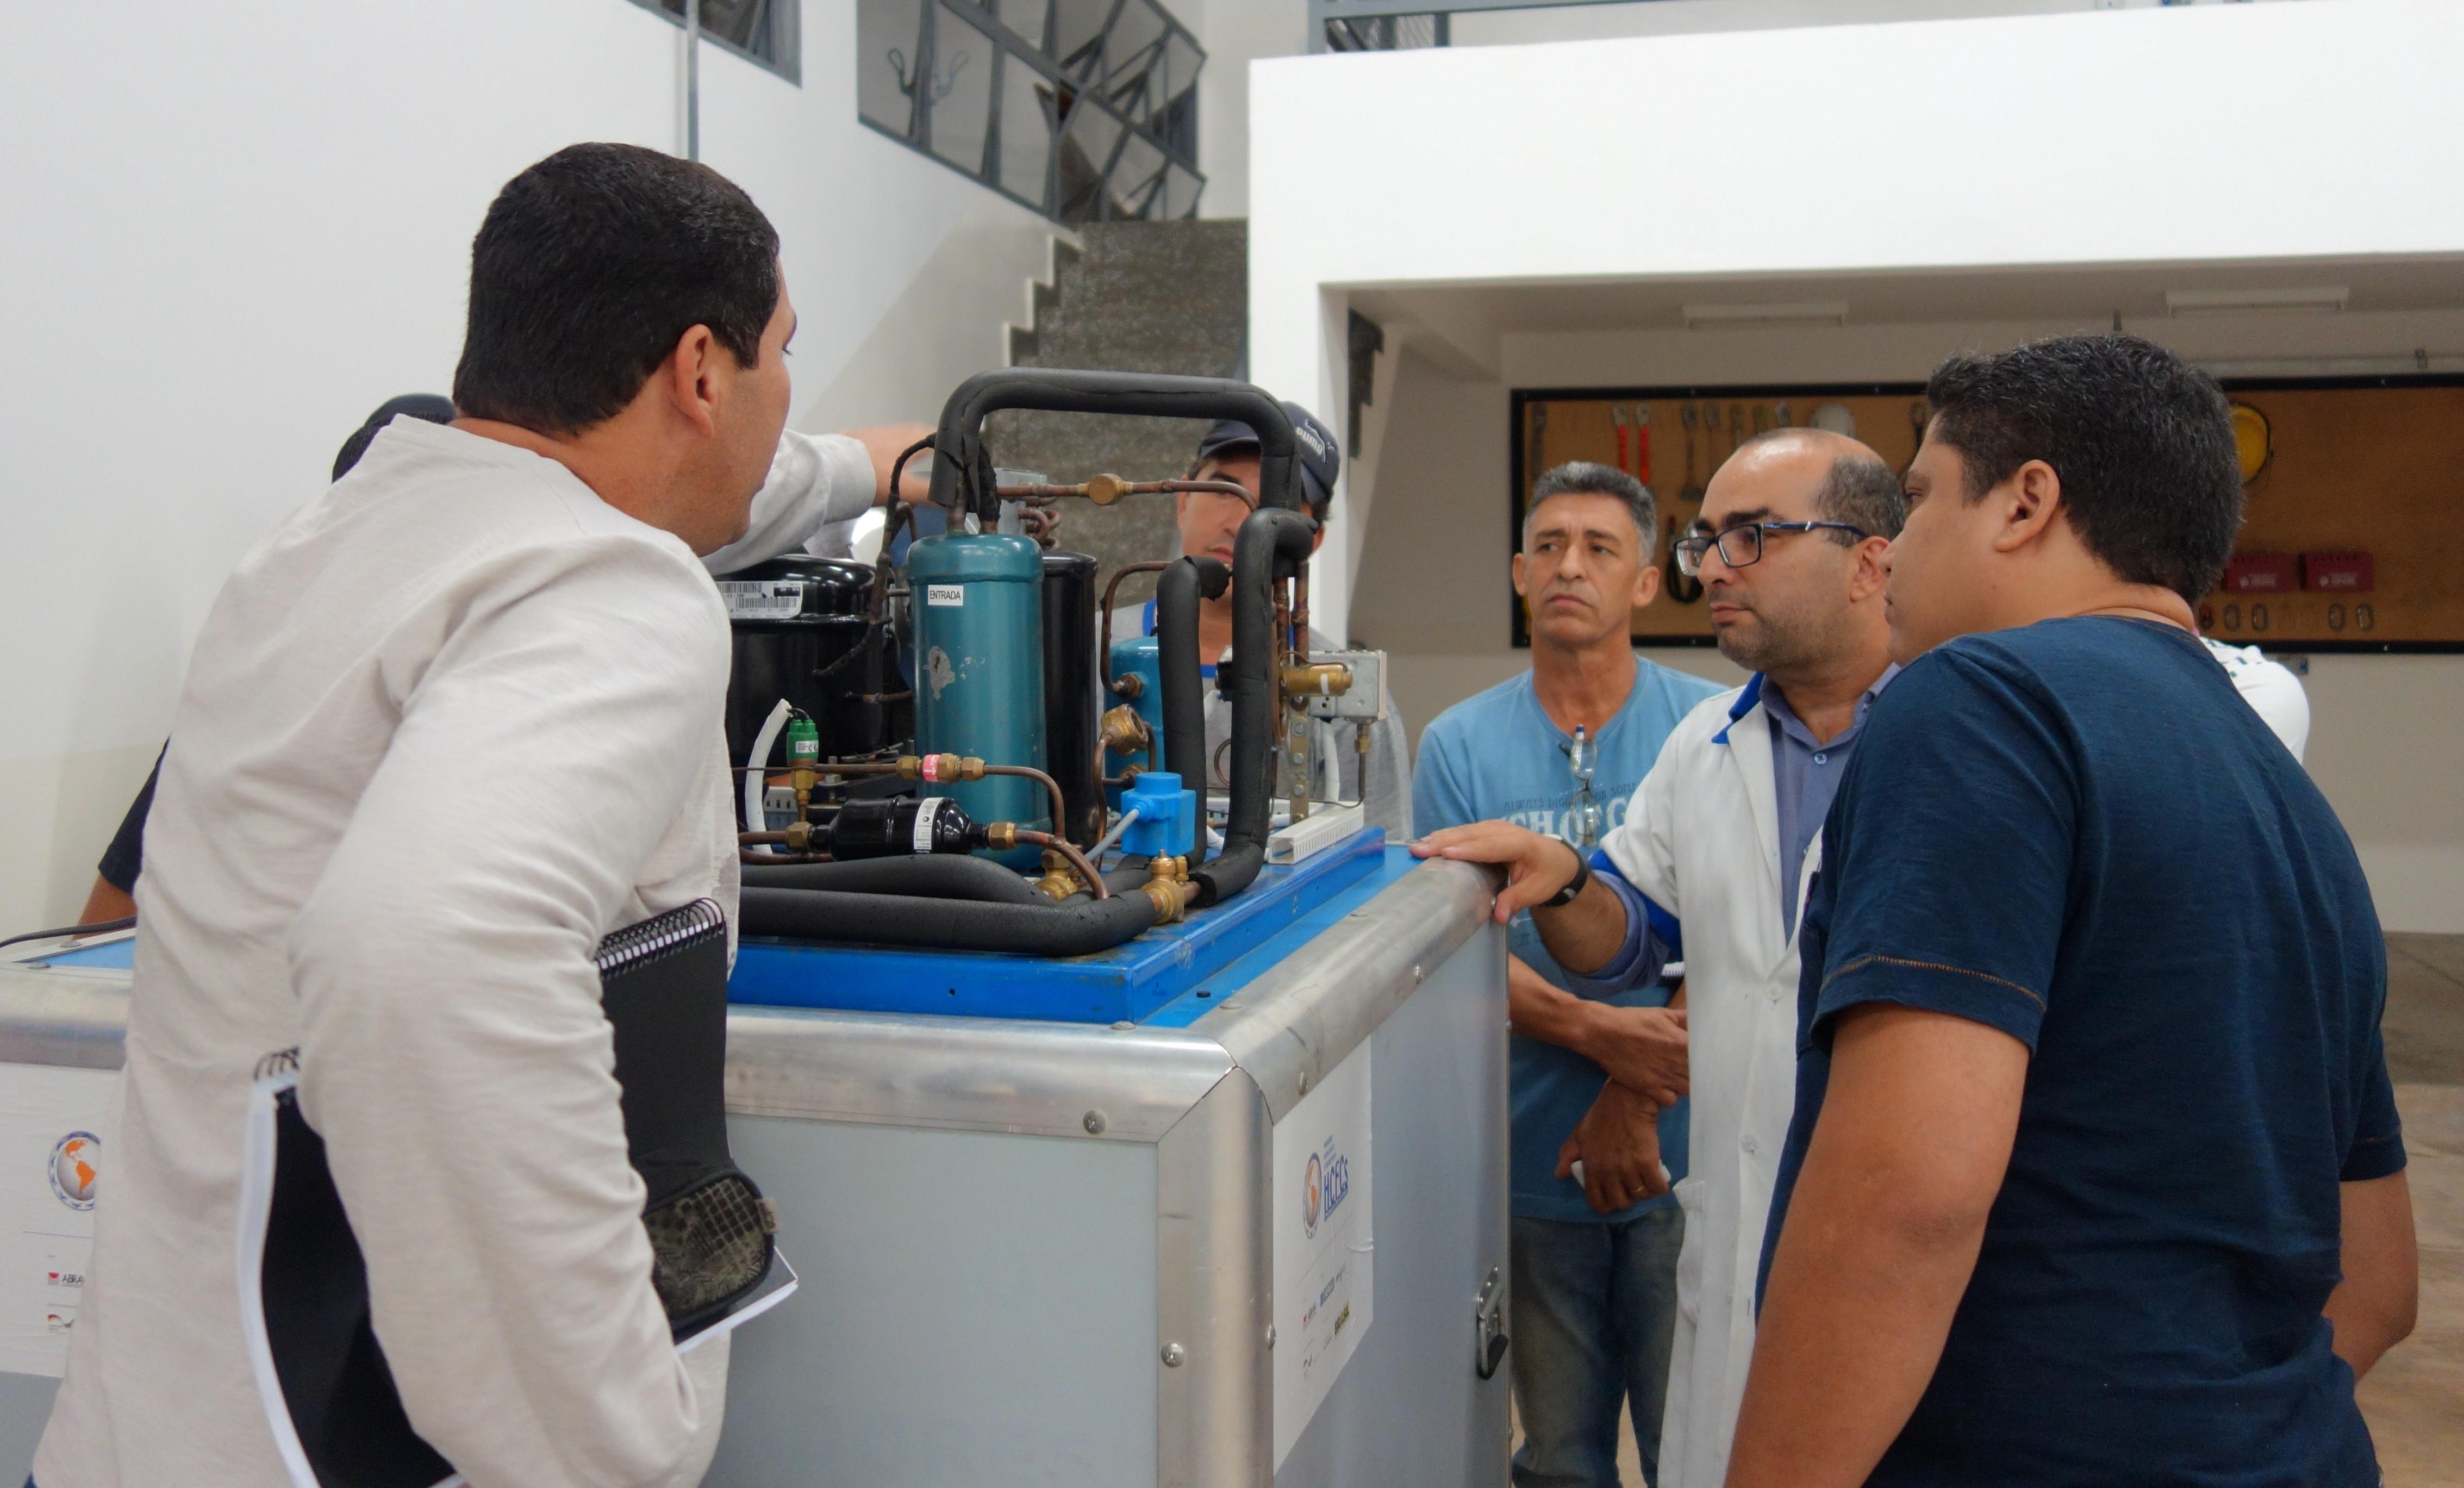 Abertas inscrições para Cursos de Boas Práticas em Refrigeração Comercial em Mato Grosso, Tocantins e Distrito Federal